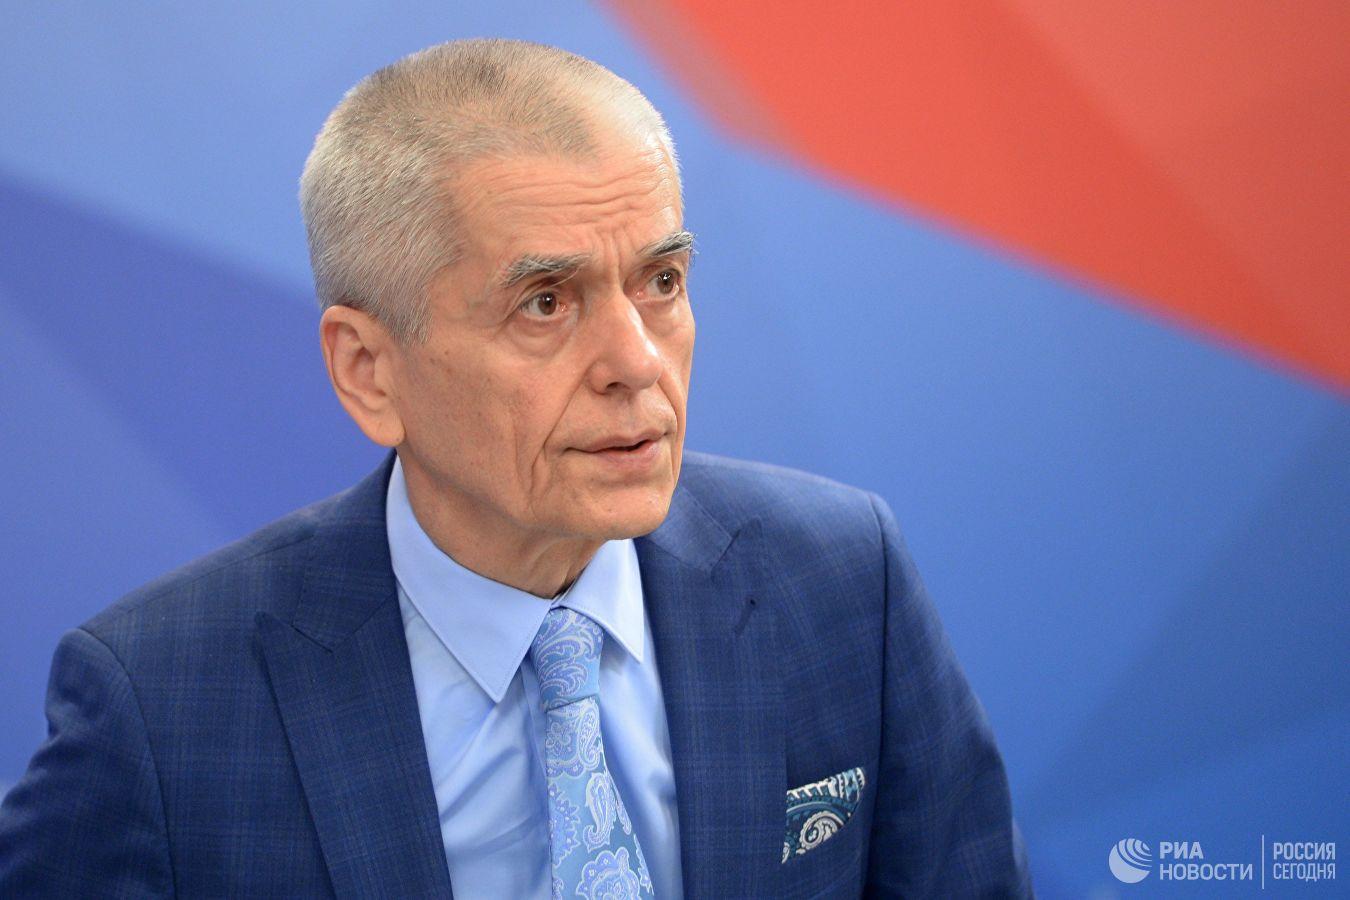 «Частным клиникам это выгодно»: Онищенко ответил Мясникову на «разорение медицины»